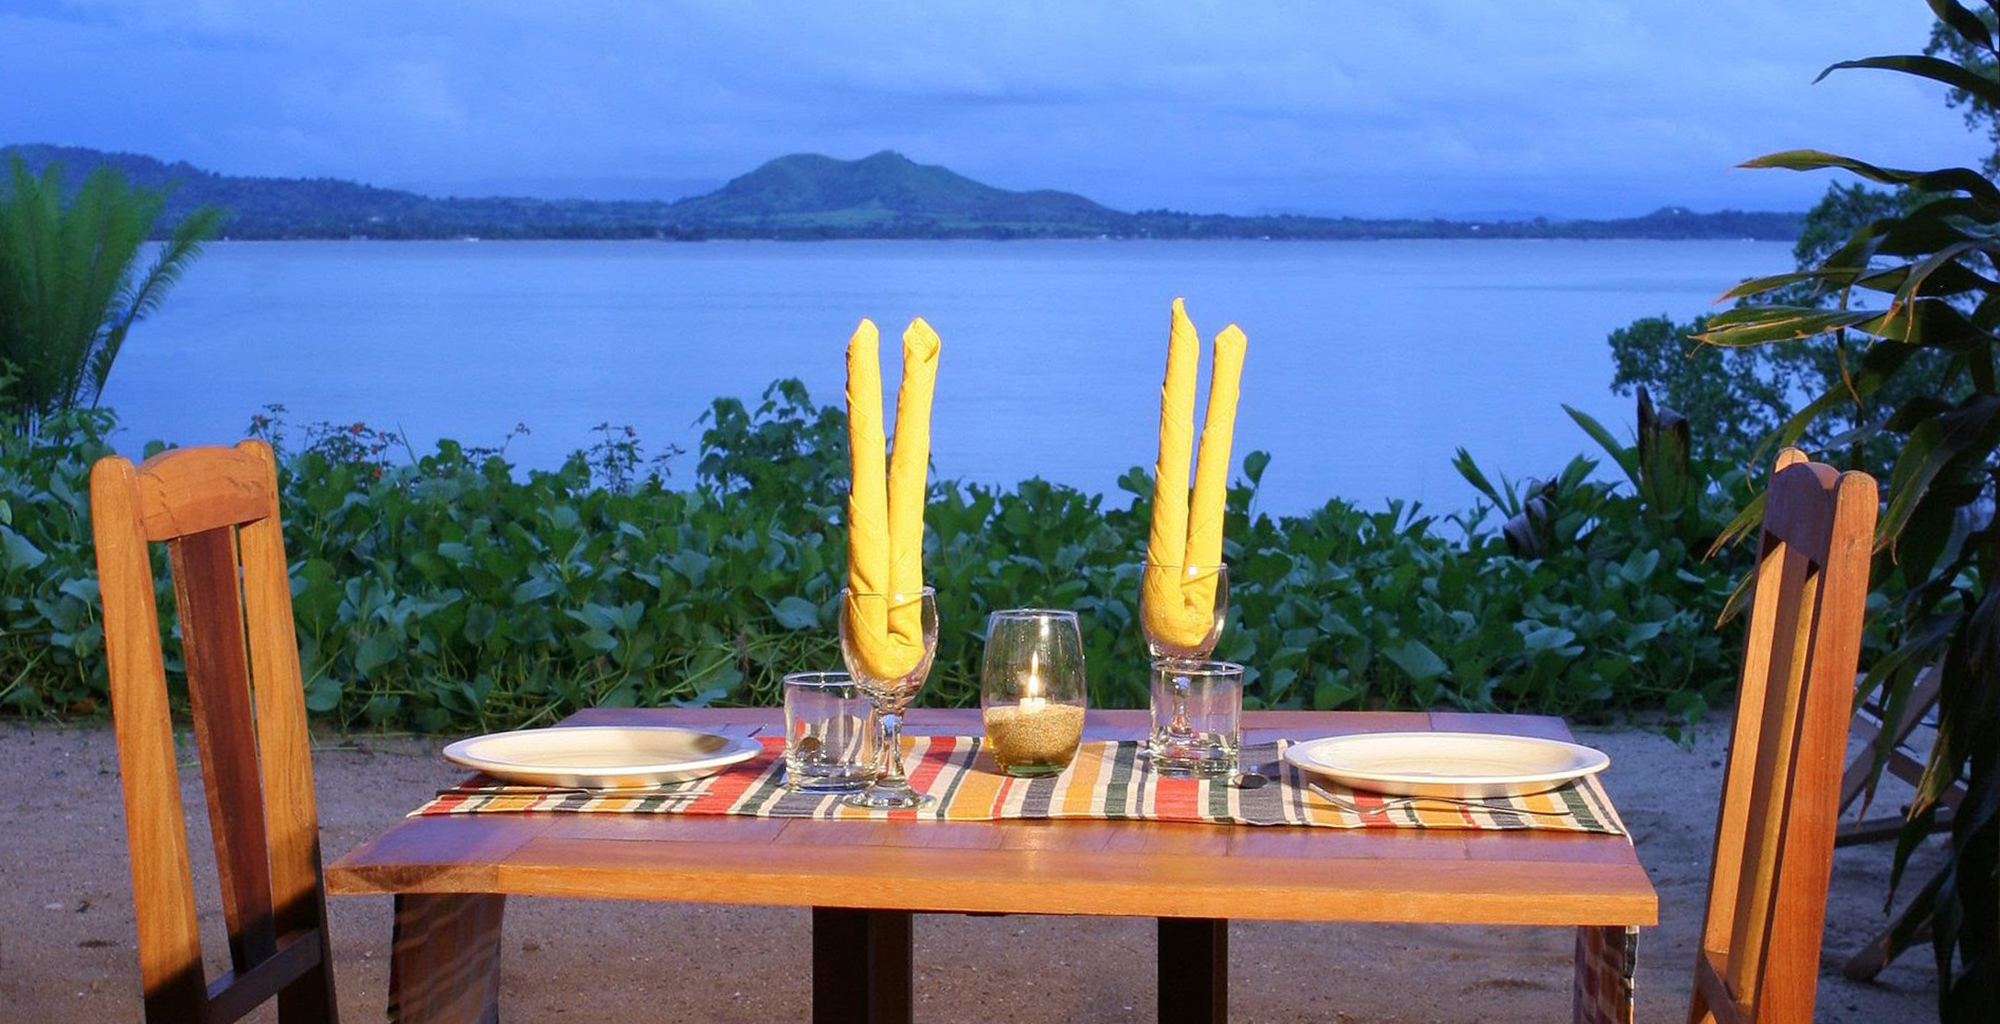 Madagascar-Sakatia-Deck-Dining